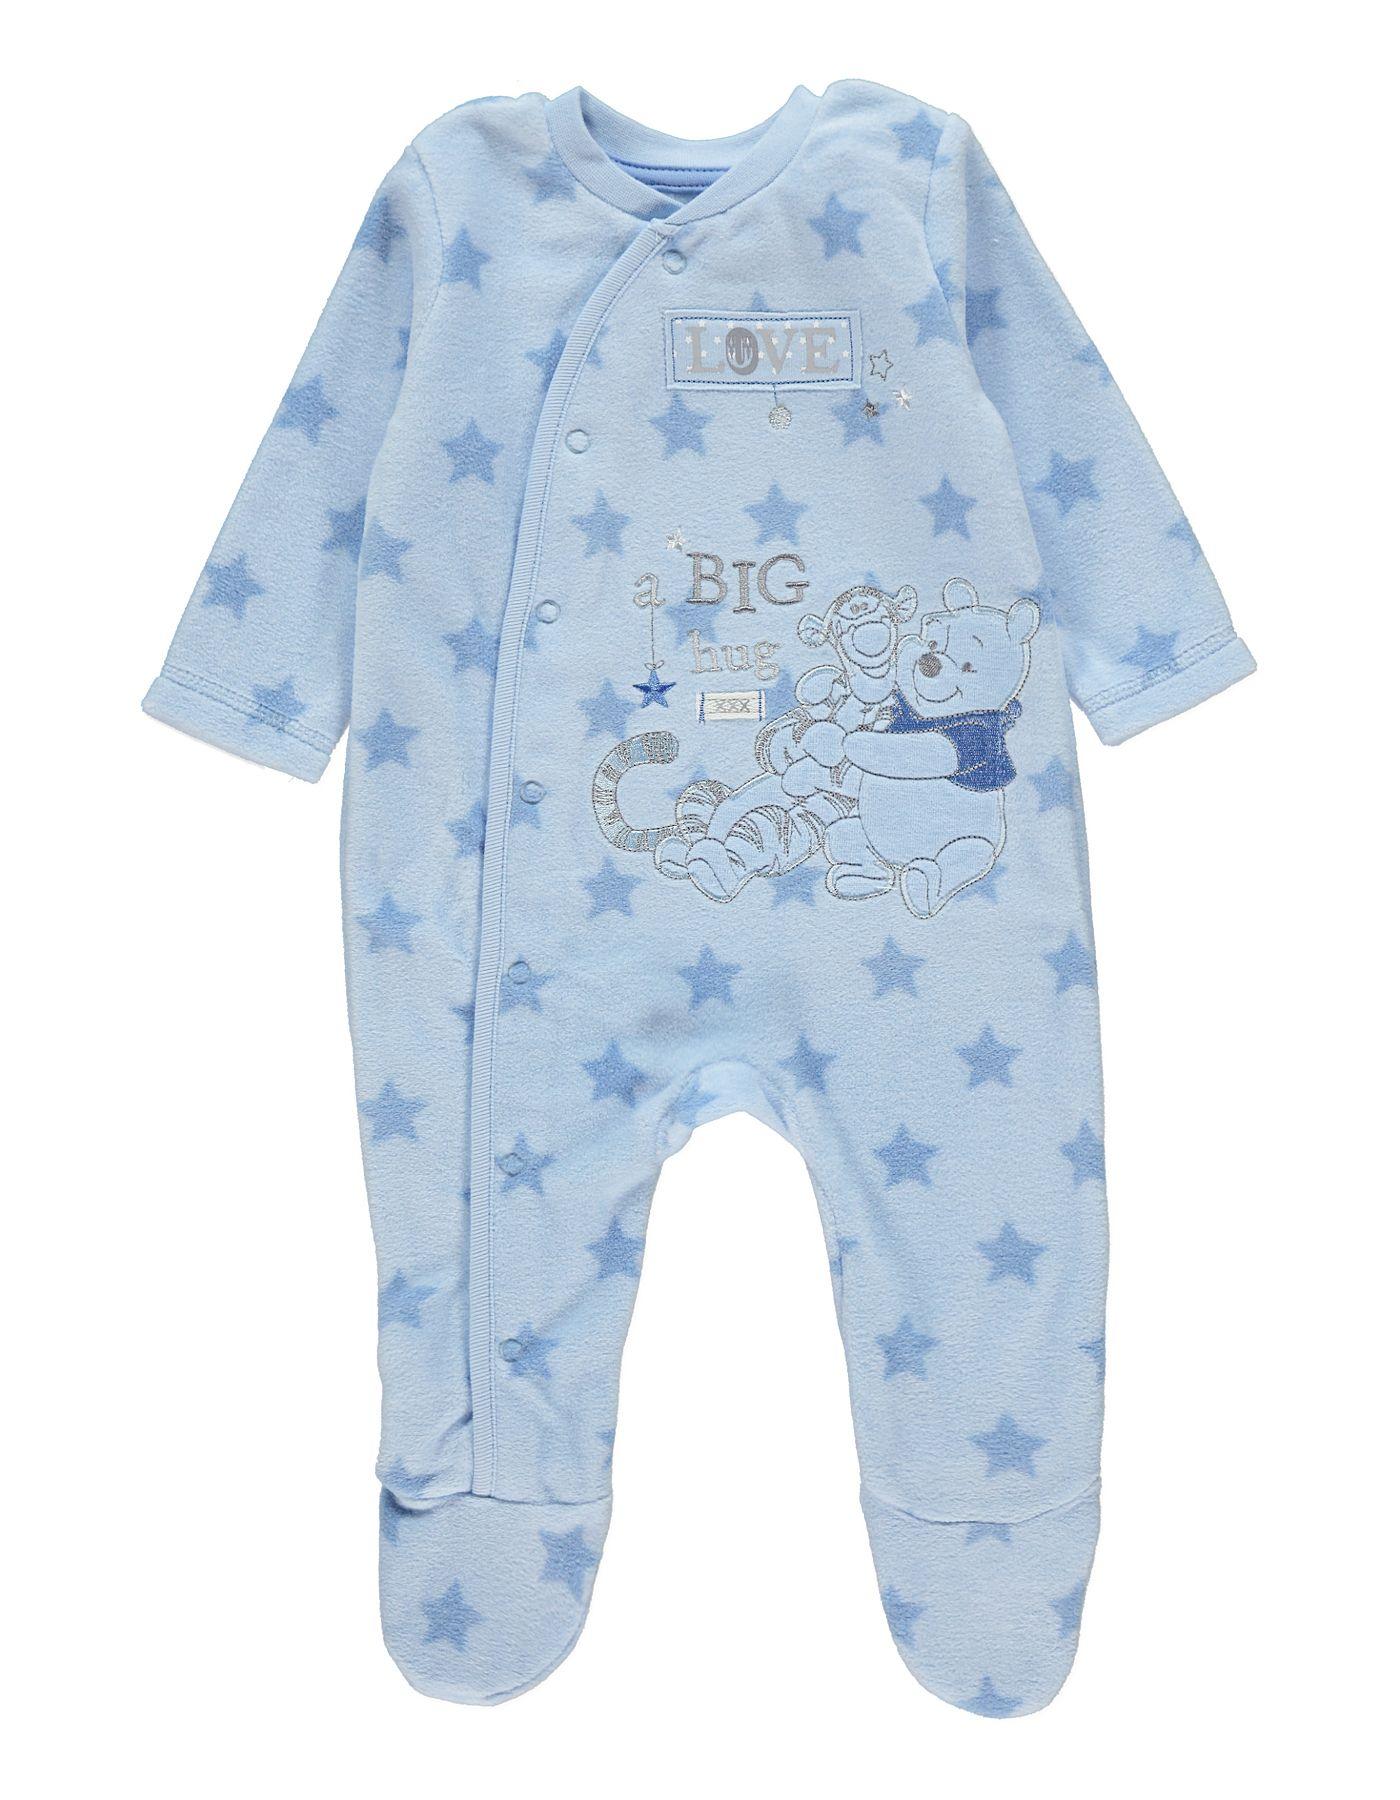 14b8dde0b Winnie The Pooh Sleepsuit